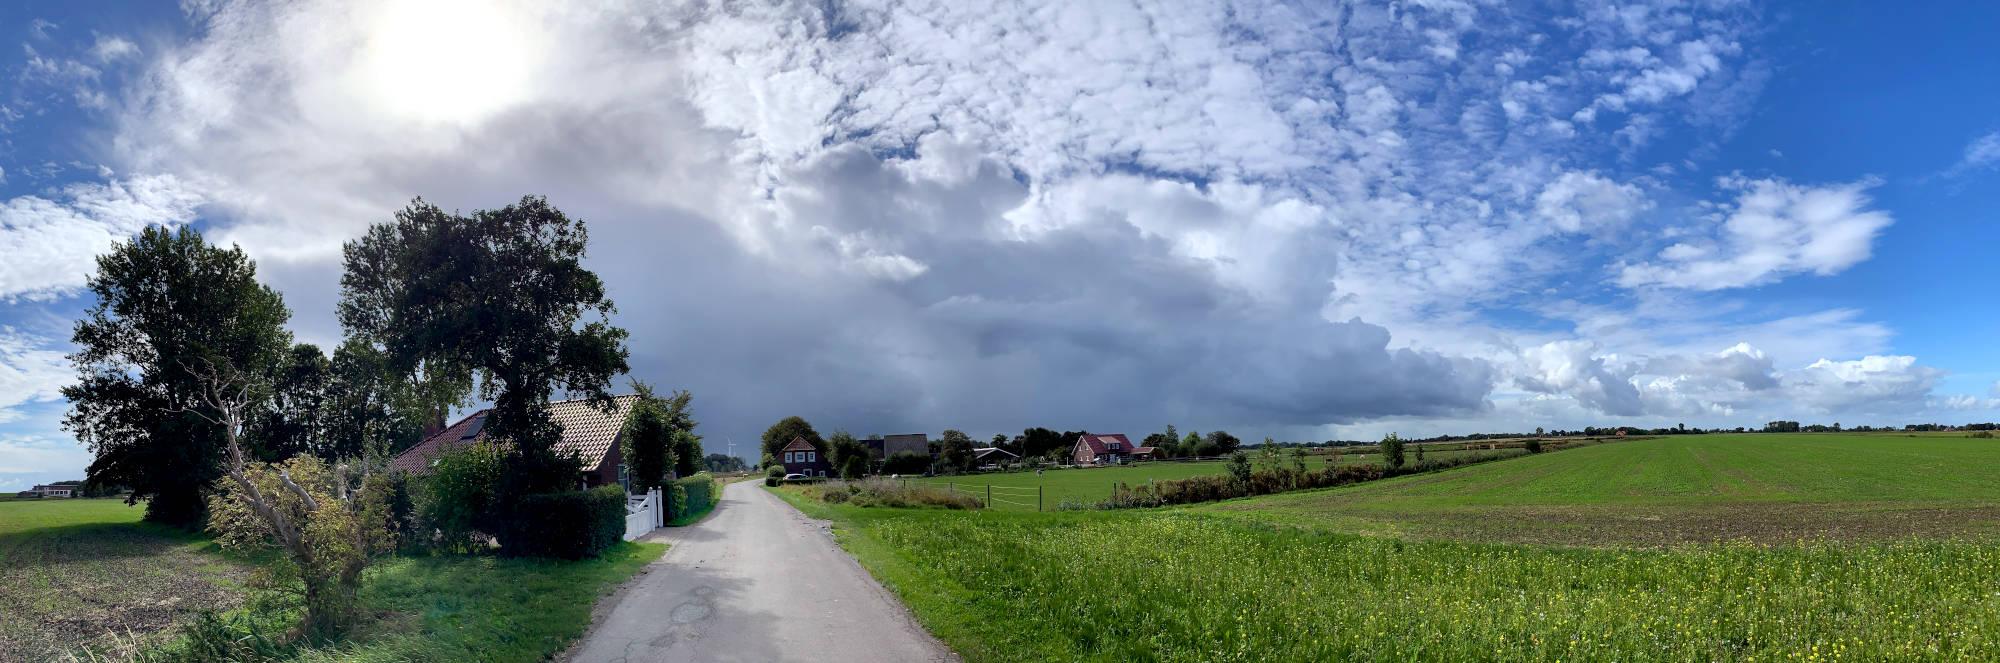 Gerade Straße, links ein Haus mit einem Baum, rechts Gras. Die Sonne scheint.